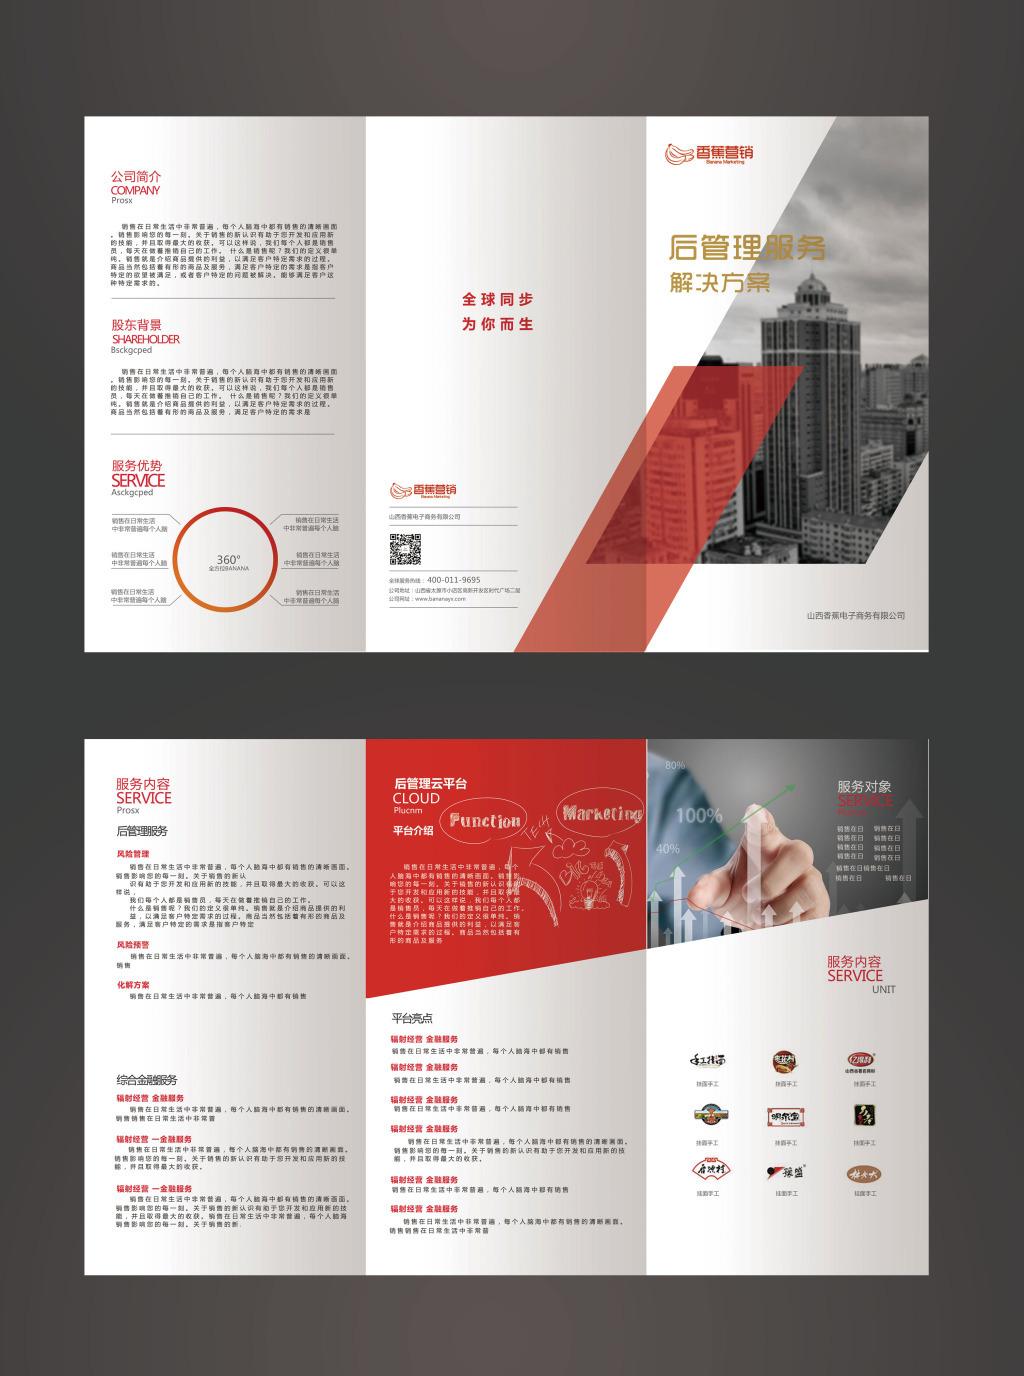 广告公司宣传折页设计psd 企业折页模板 三折页排版 科技公司宣传册 企业宣传折页素材